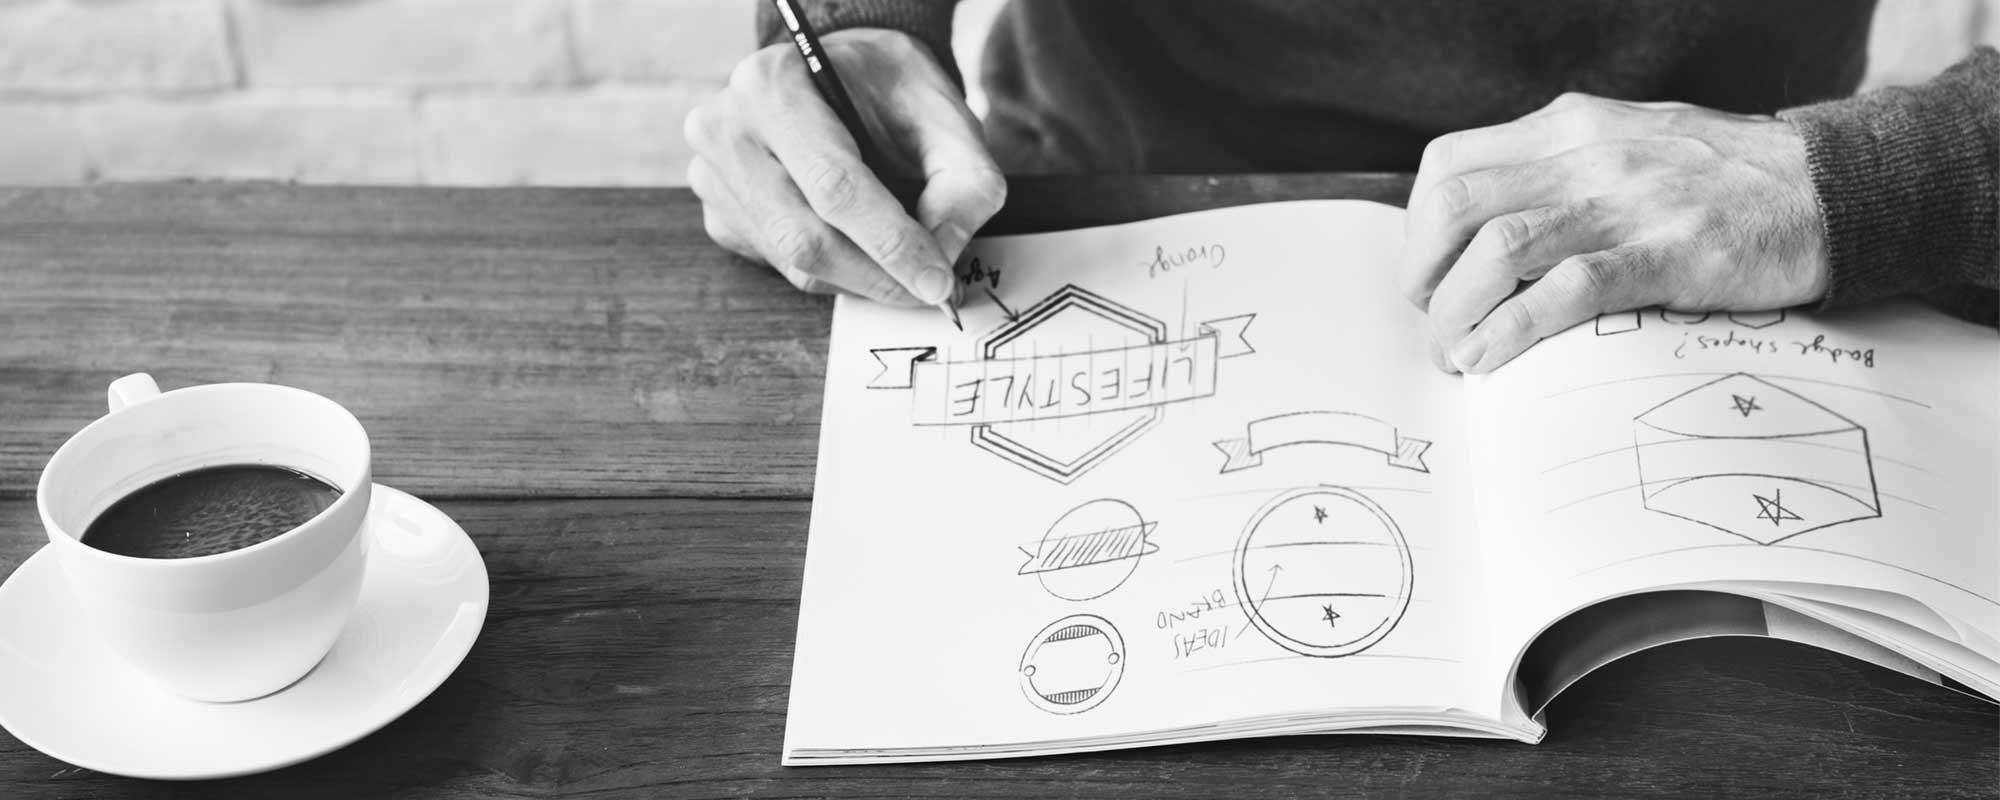 grafik szkicujący propozycje logo